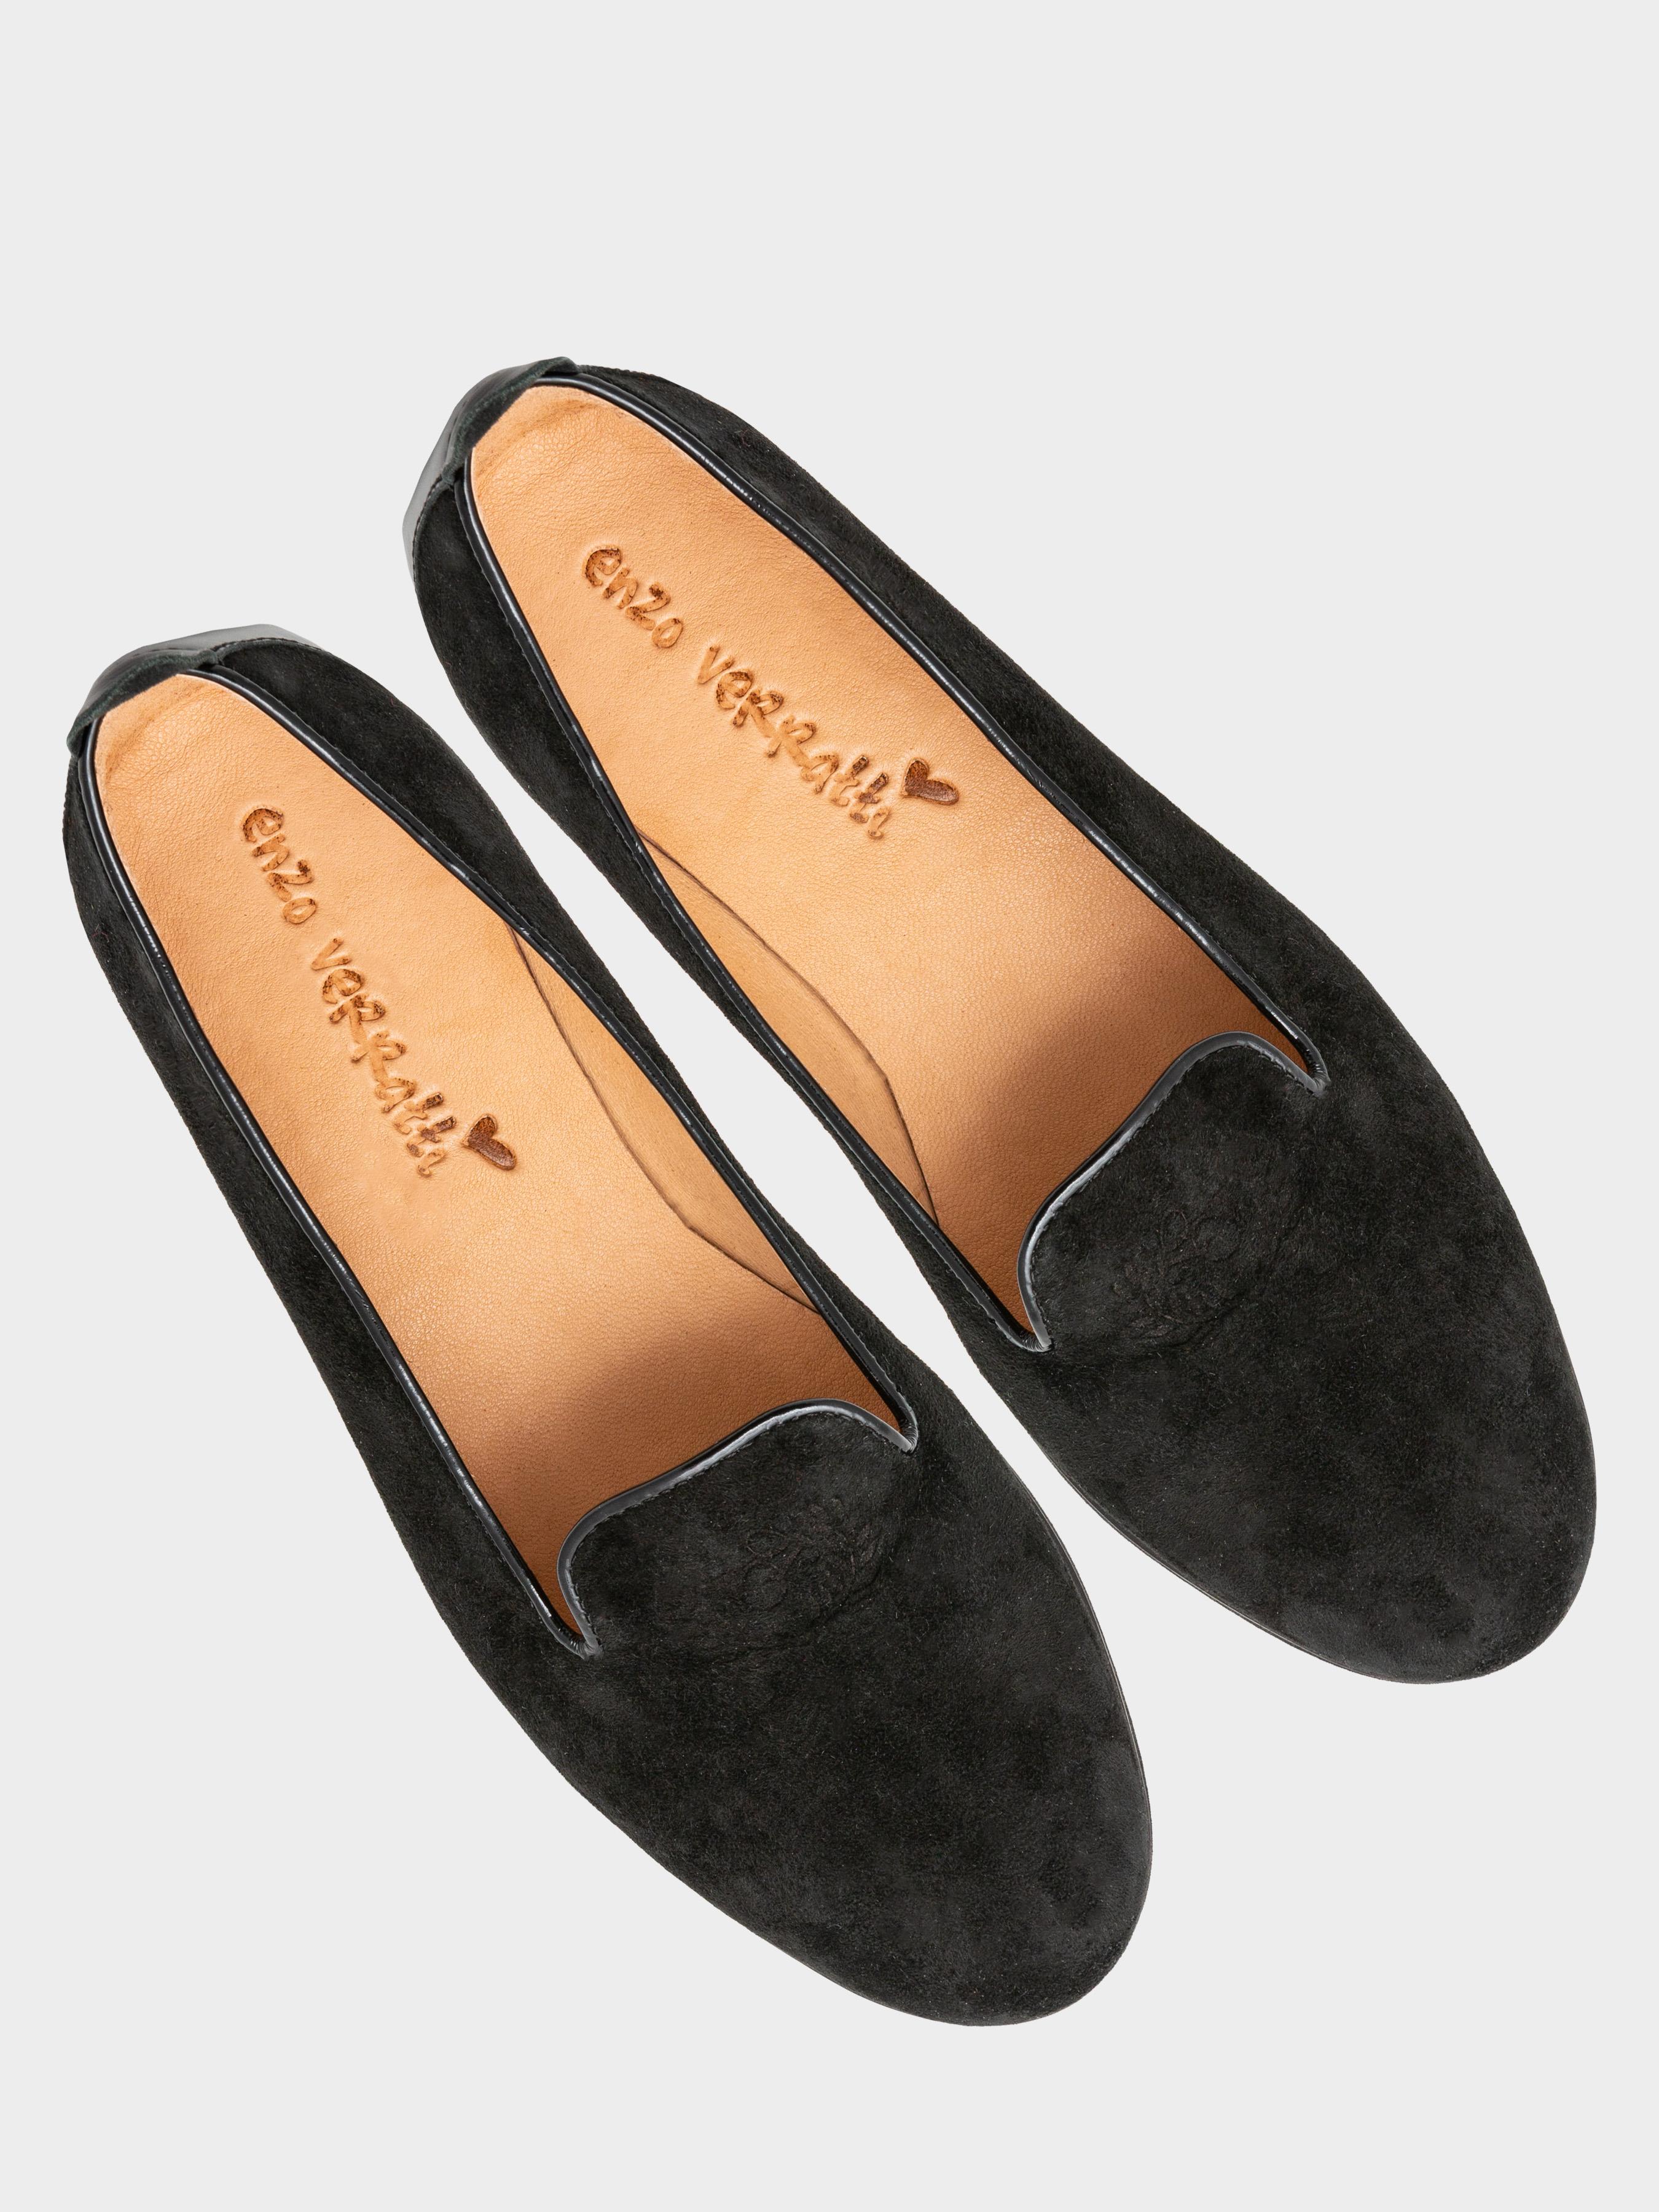 Туфли для женщин Туфли женские ENZO VERRATTI 18-7374 фото, купить, 2017